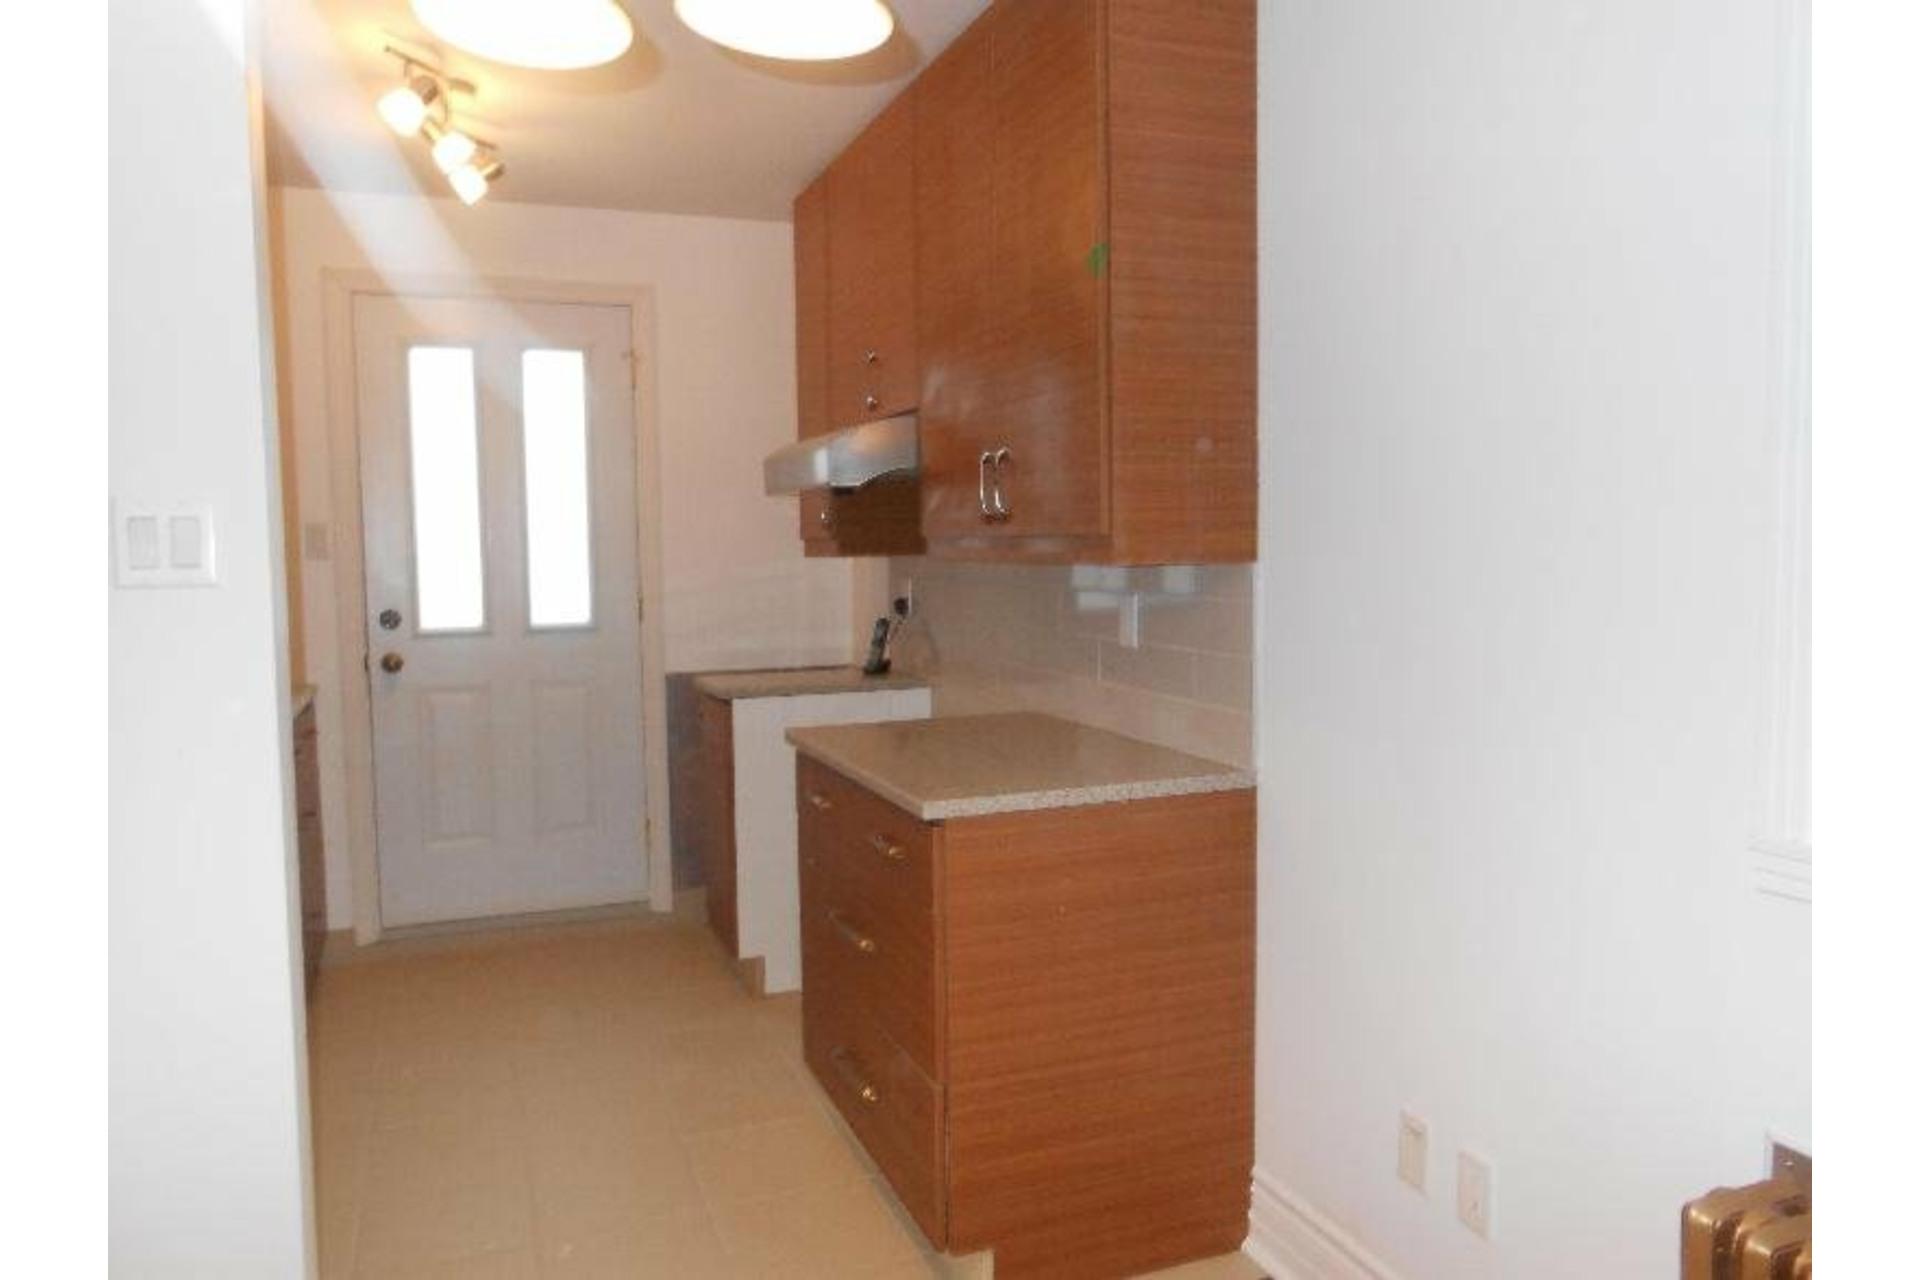 image 7 - Appartement À louer Montréal-Nord Montréal  - 3 pièces